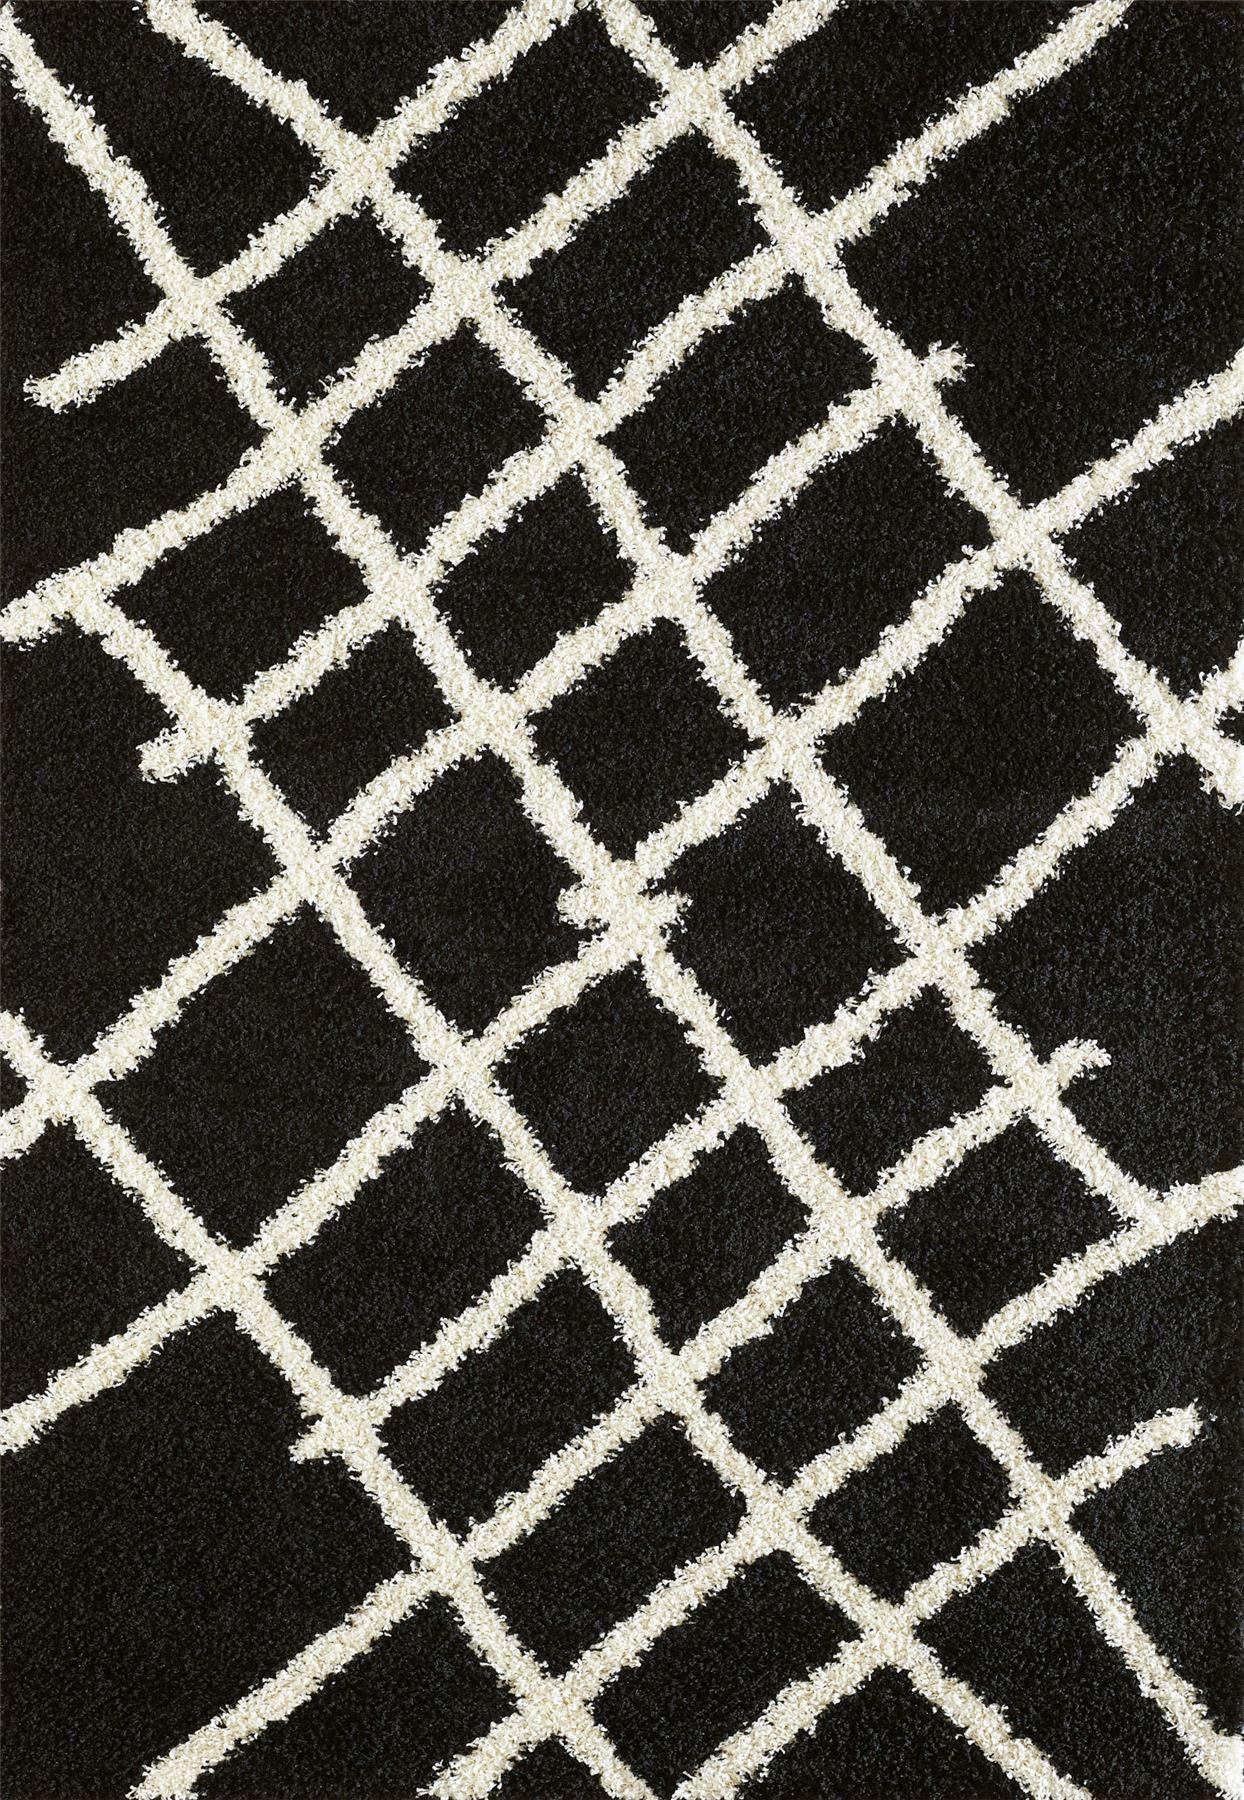 Tappeto-A2Z-Nero-Grigio-Avorio-tradizionale-marocchina-Shaggy-Berber-Boho-Tribal-3cm-Pile miniatura 38